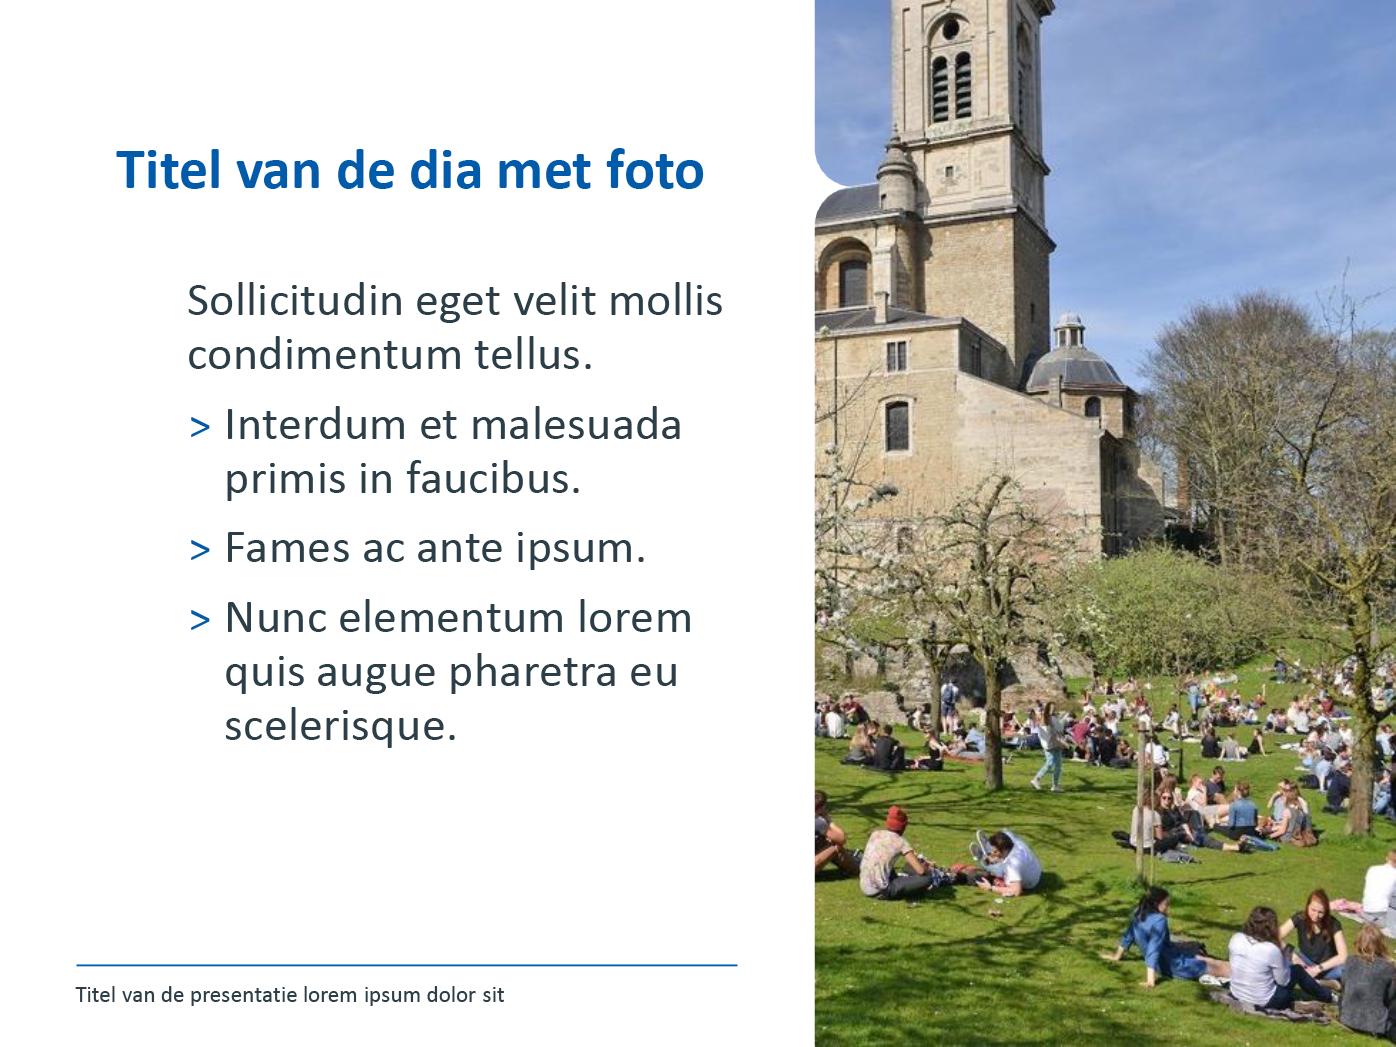 """Dia-type """"basisdia met foto"""", gepersonaliseerd voor de submerken van het secundair onderwijs. Powerpoint-sjabloon van de Stad Gent."""